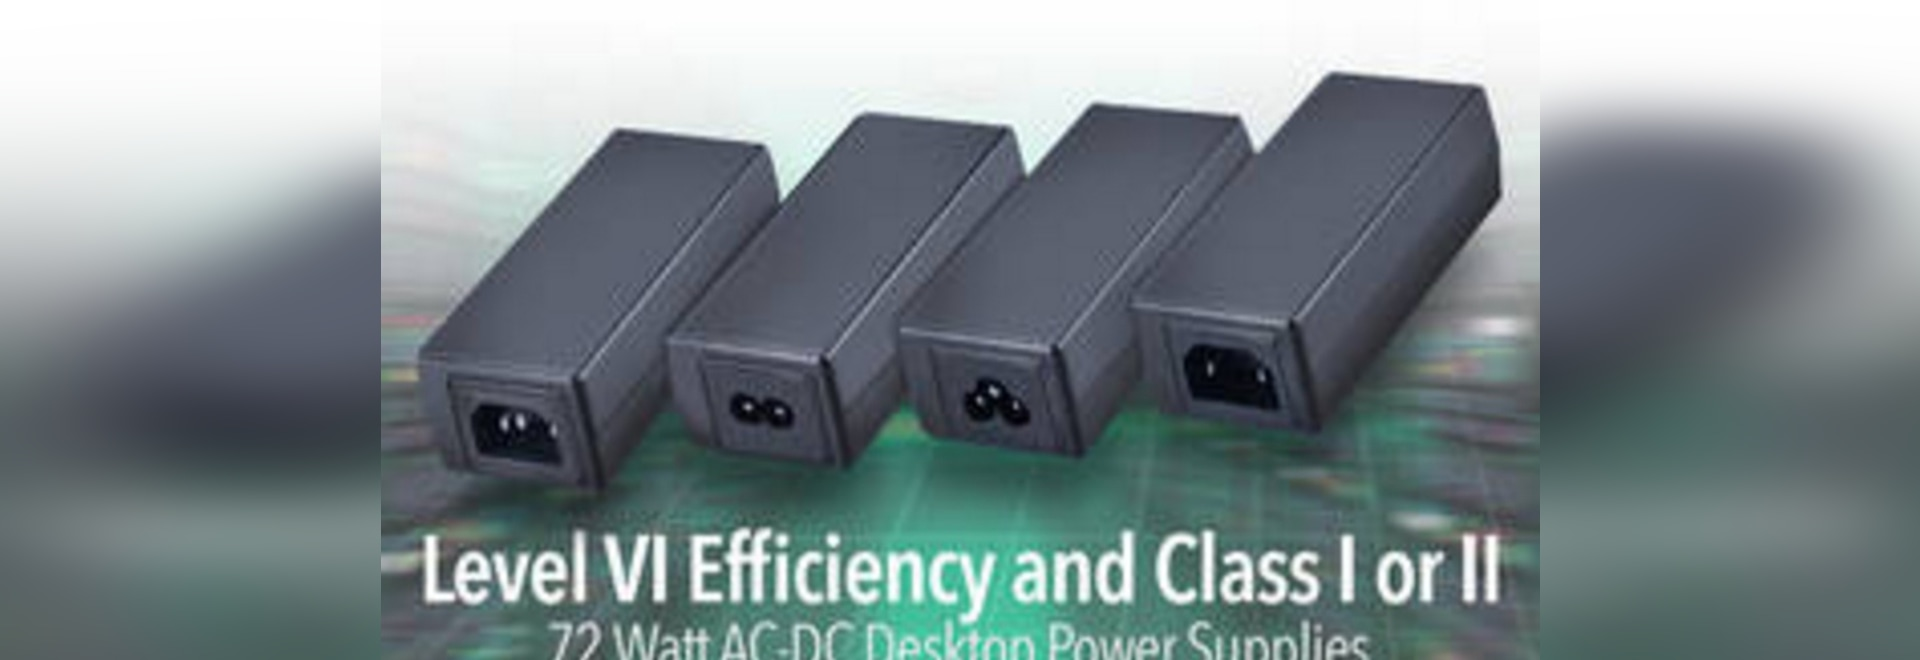 fuente de alimentación de escritorio de 72W AC-DC con eficacia del nivel VI y aprobaciones mundiales de la seguridad